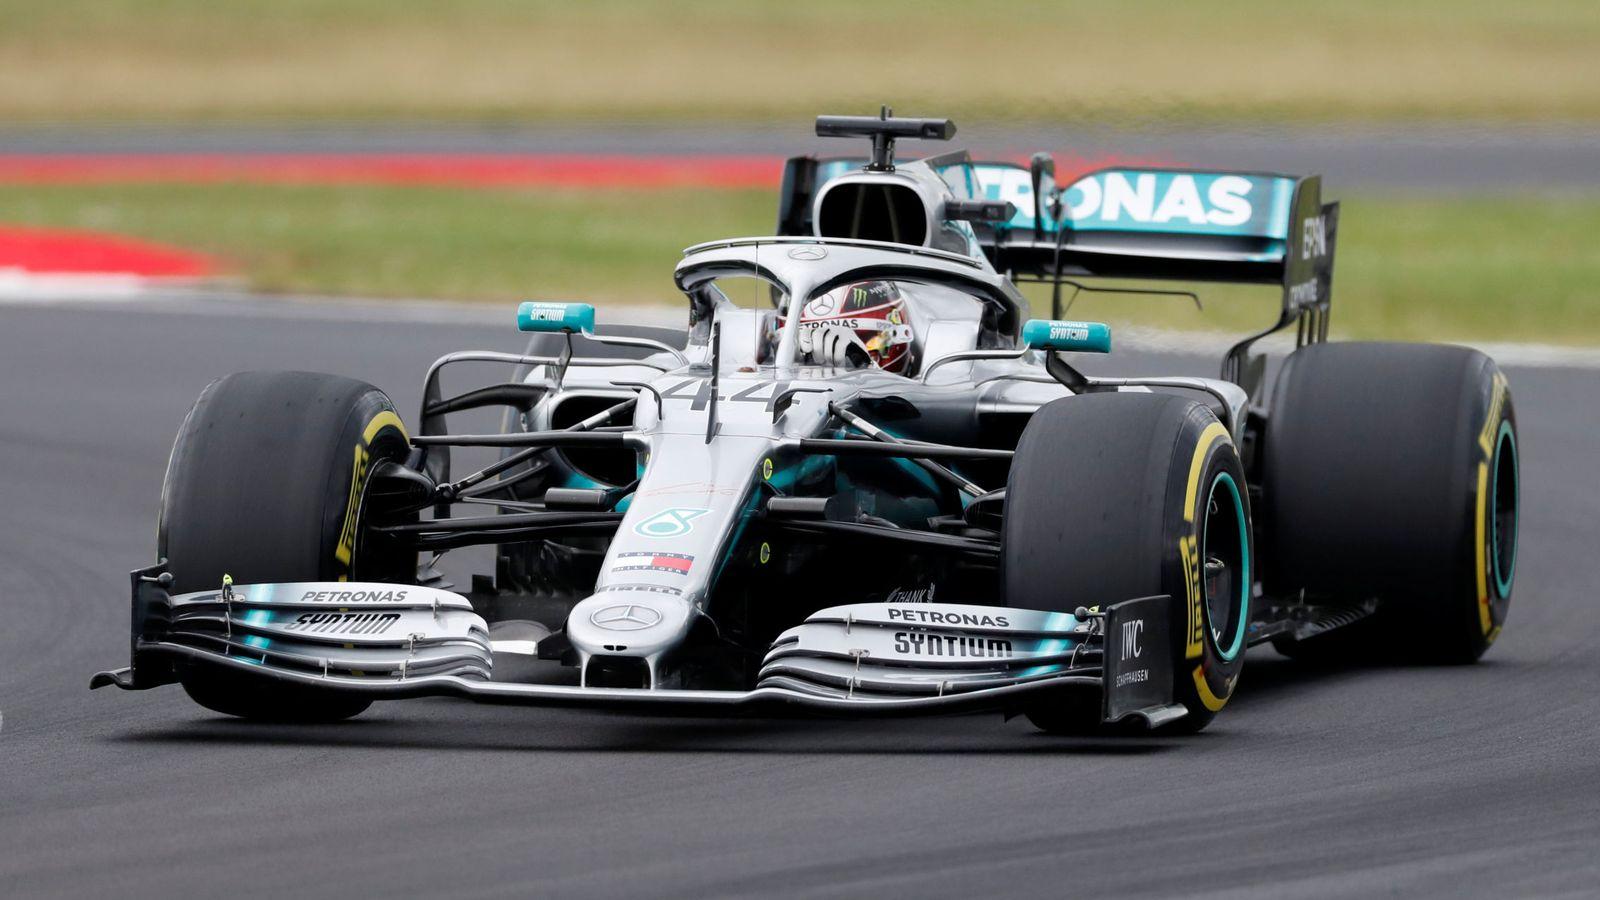 Foto: Lewis Hamilton al volante de su Mercedes en Silverstone. (Reuters)